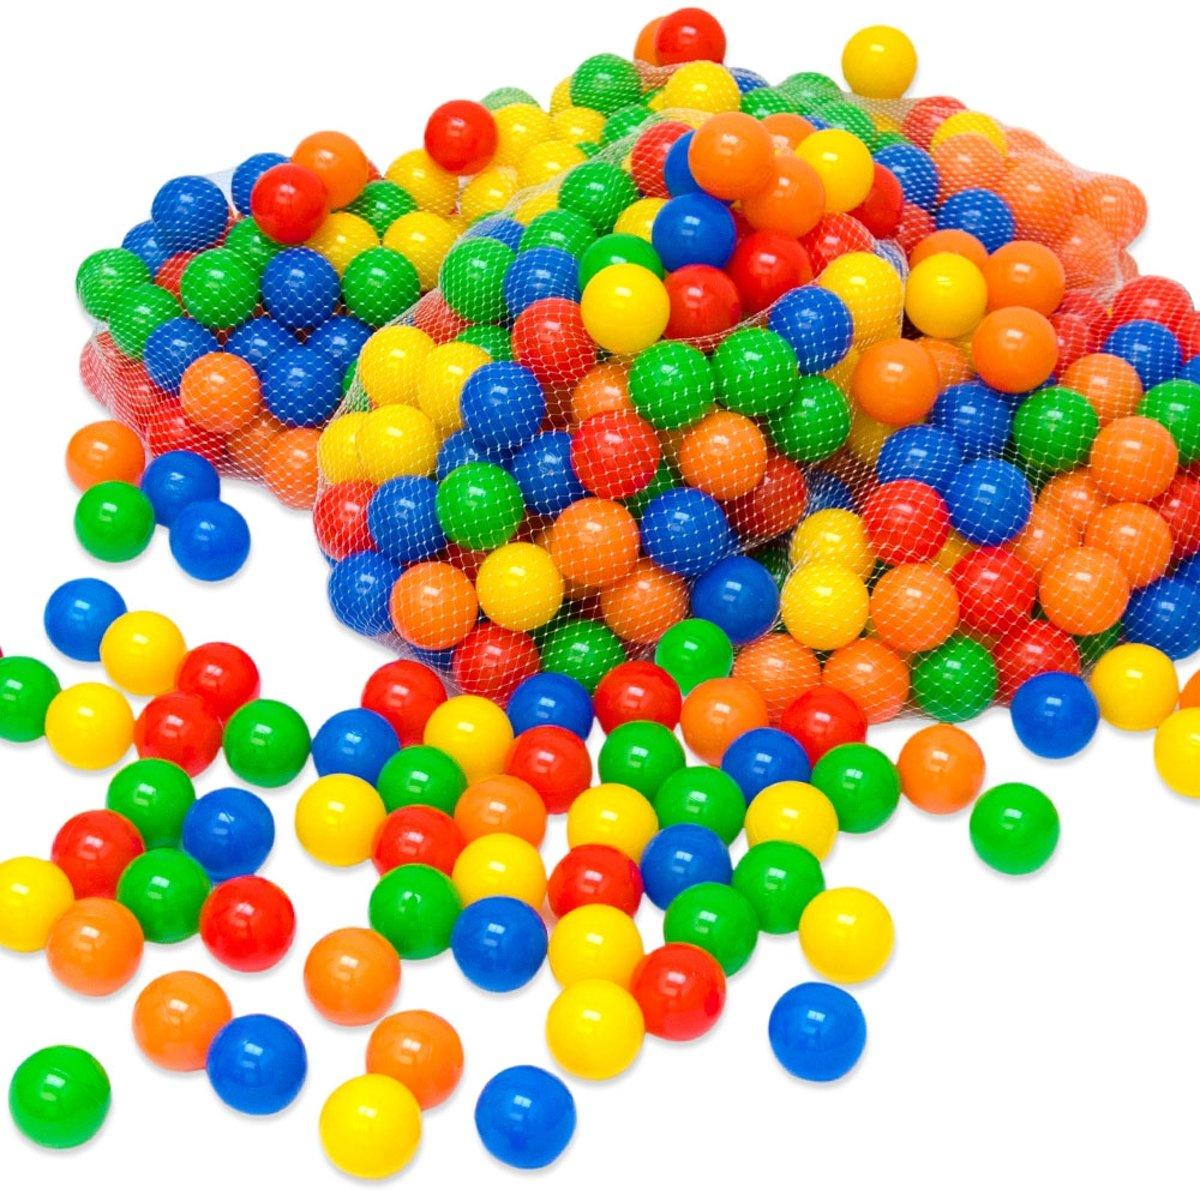 700 Kleurrijke ballenbadballen 5,5cm   plastic ballen kinderballen babyballen   kinderen baby puppy